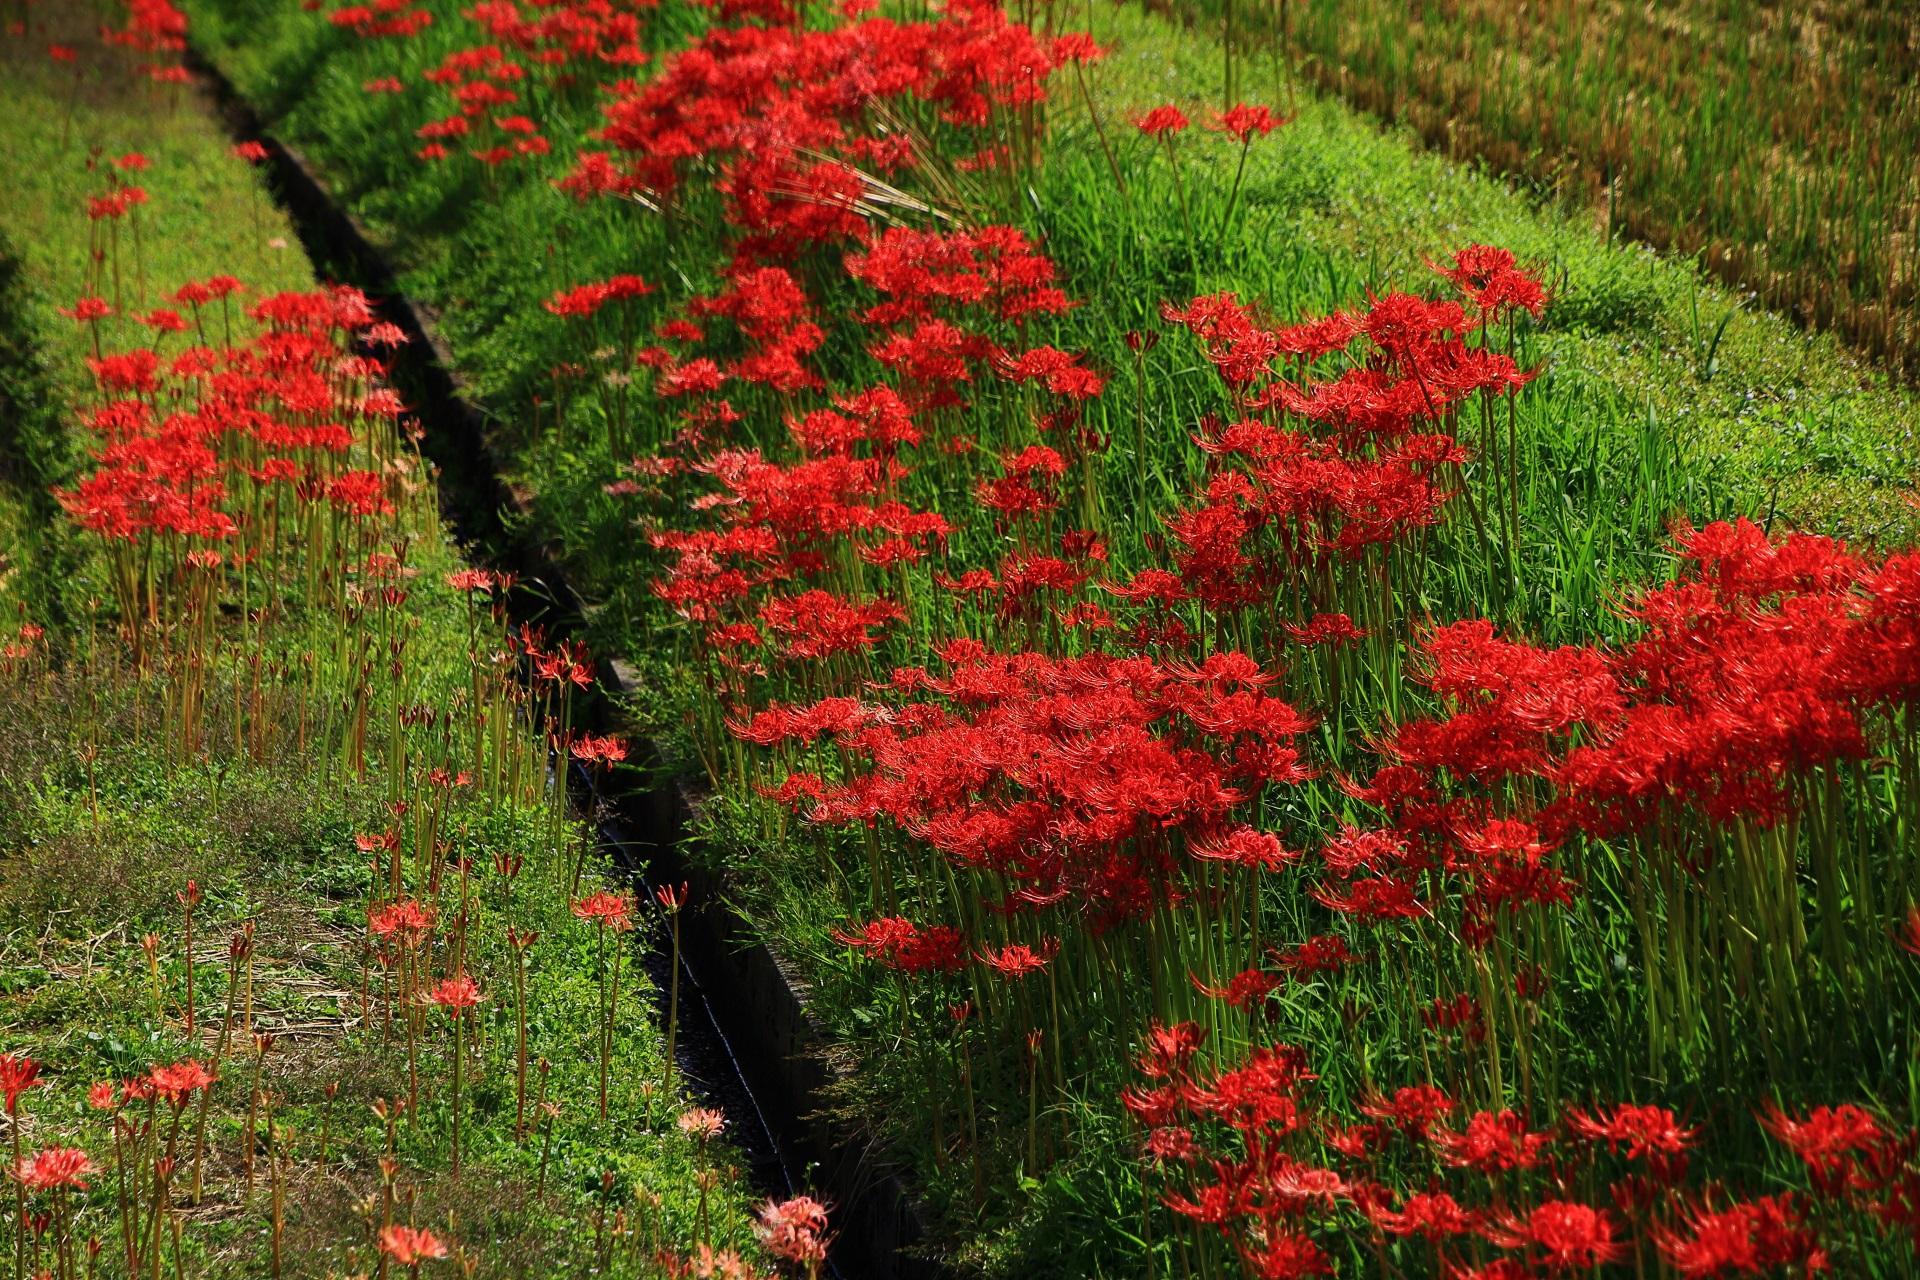 彼岸花の赤と畑(草)の緑の綺麗なコントラスト